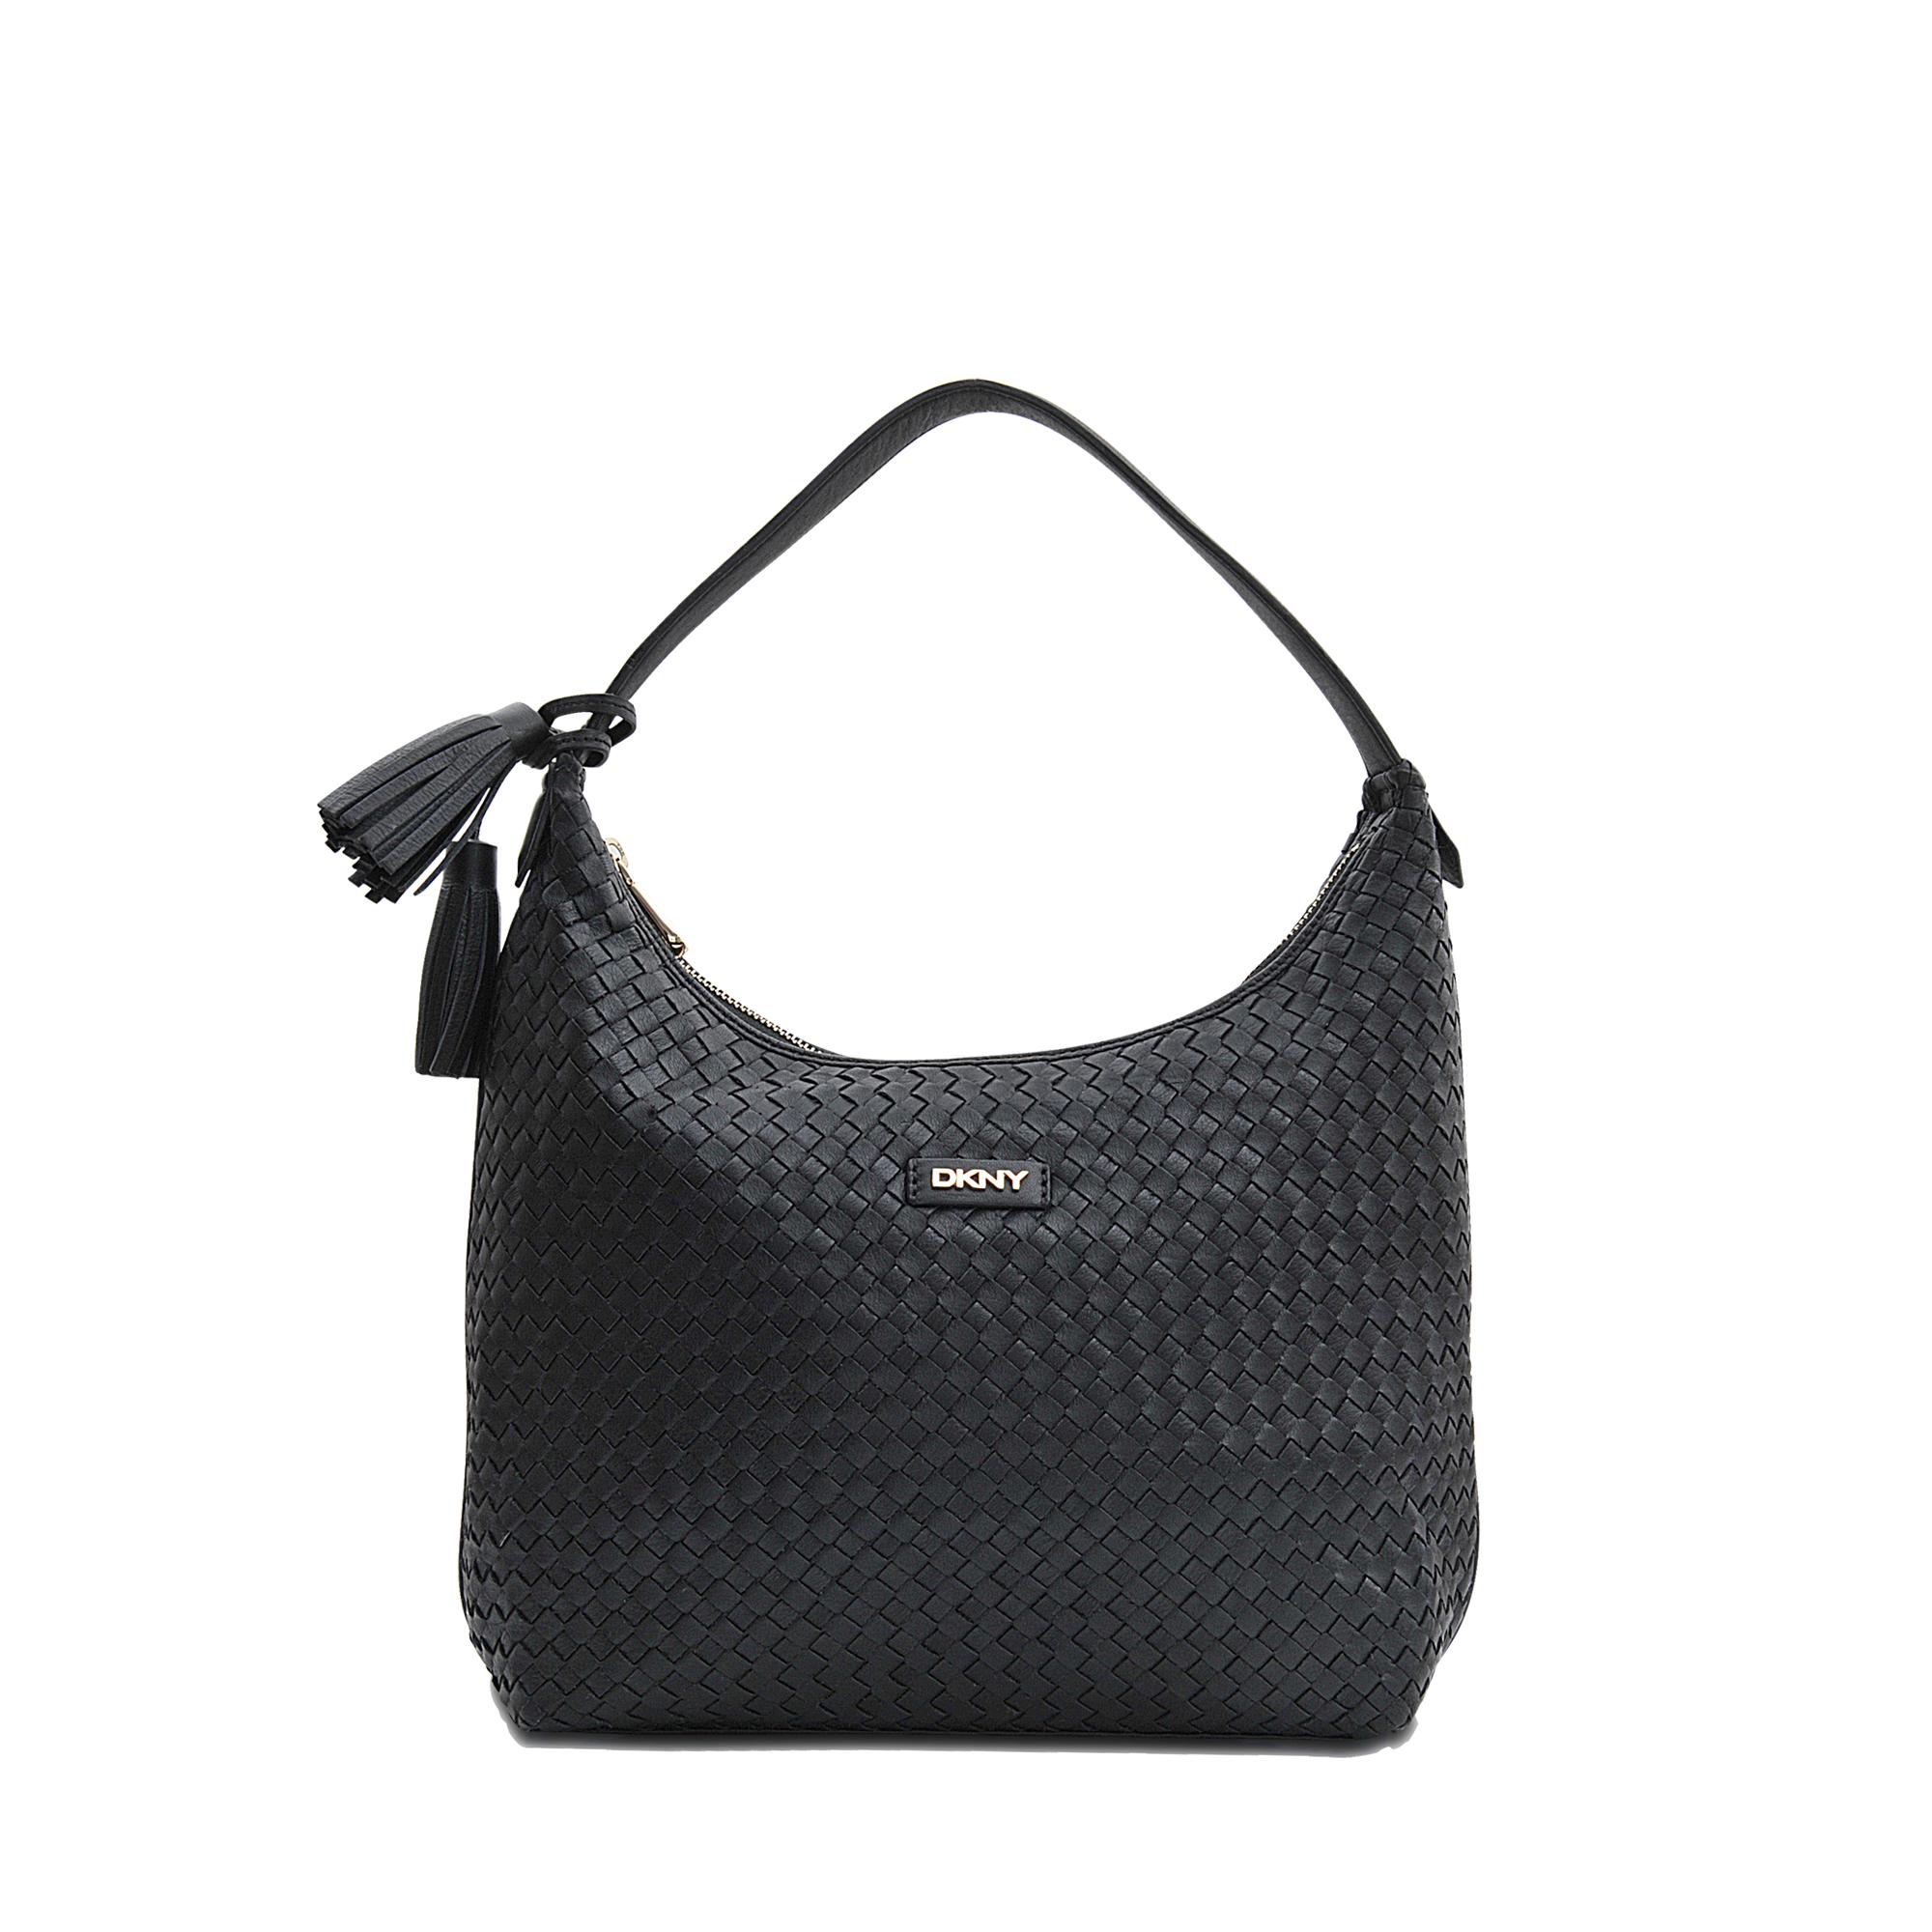 Lyst - DKNY Weaved Hobo Bag in Black d546c543eda33